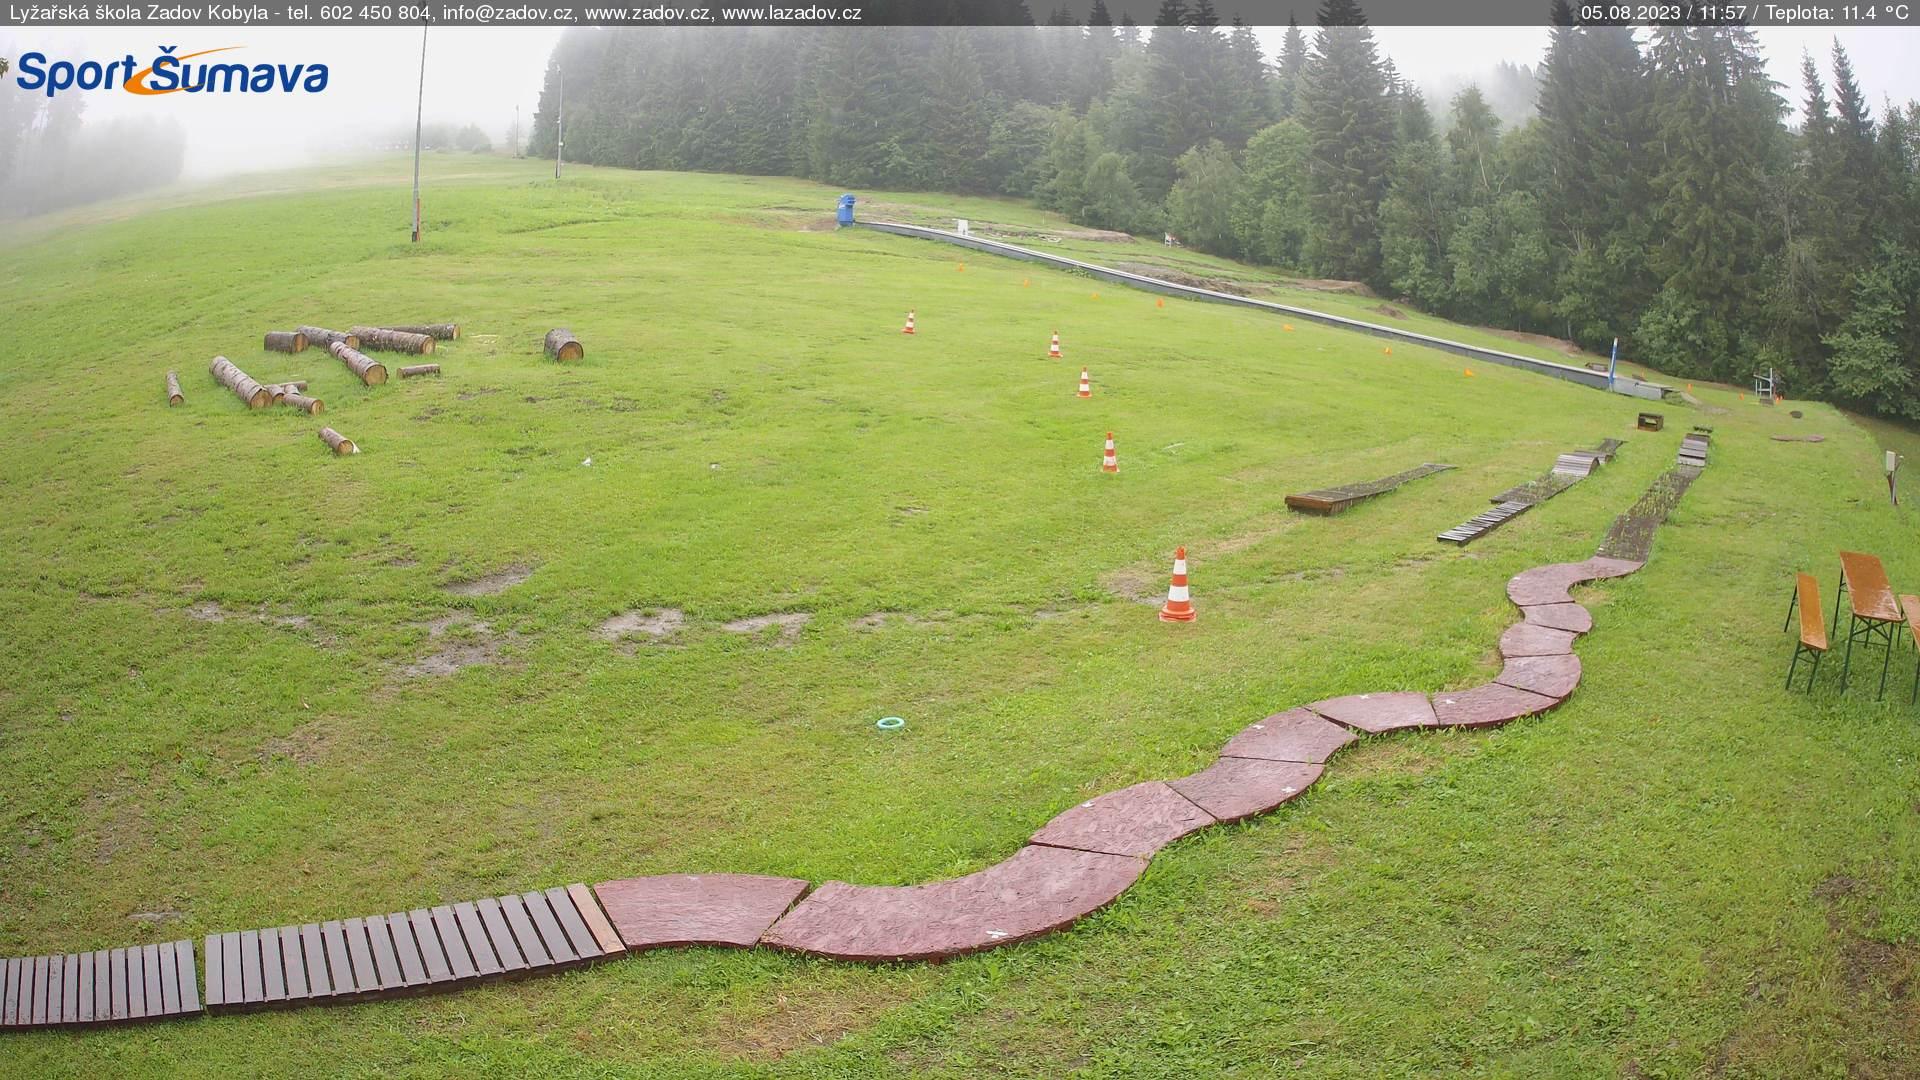 Webcam Skigebiet Zadov - Churanov Skischule - Böhmer Wald